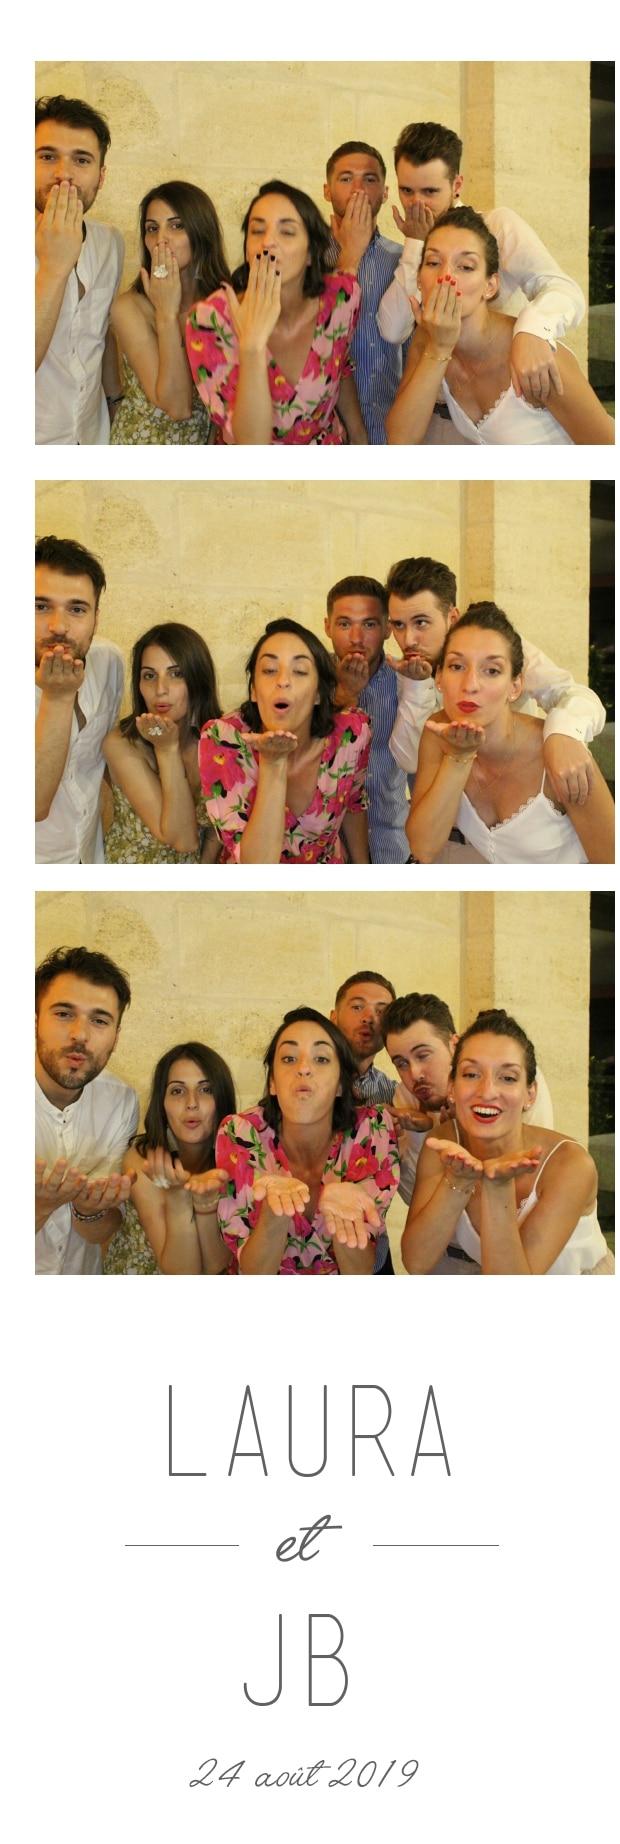 Animation selfie box mariage Bergerac - photobooth avec impressions photos à louer à Bergerac et en Dordogne pour fête mariage, anniversaire, soirée, baptême